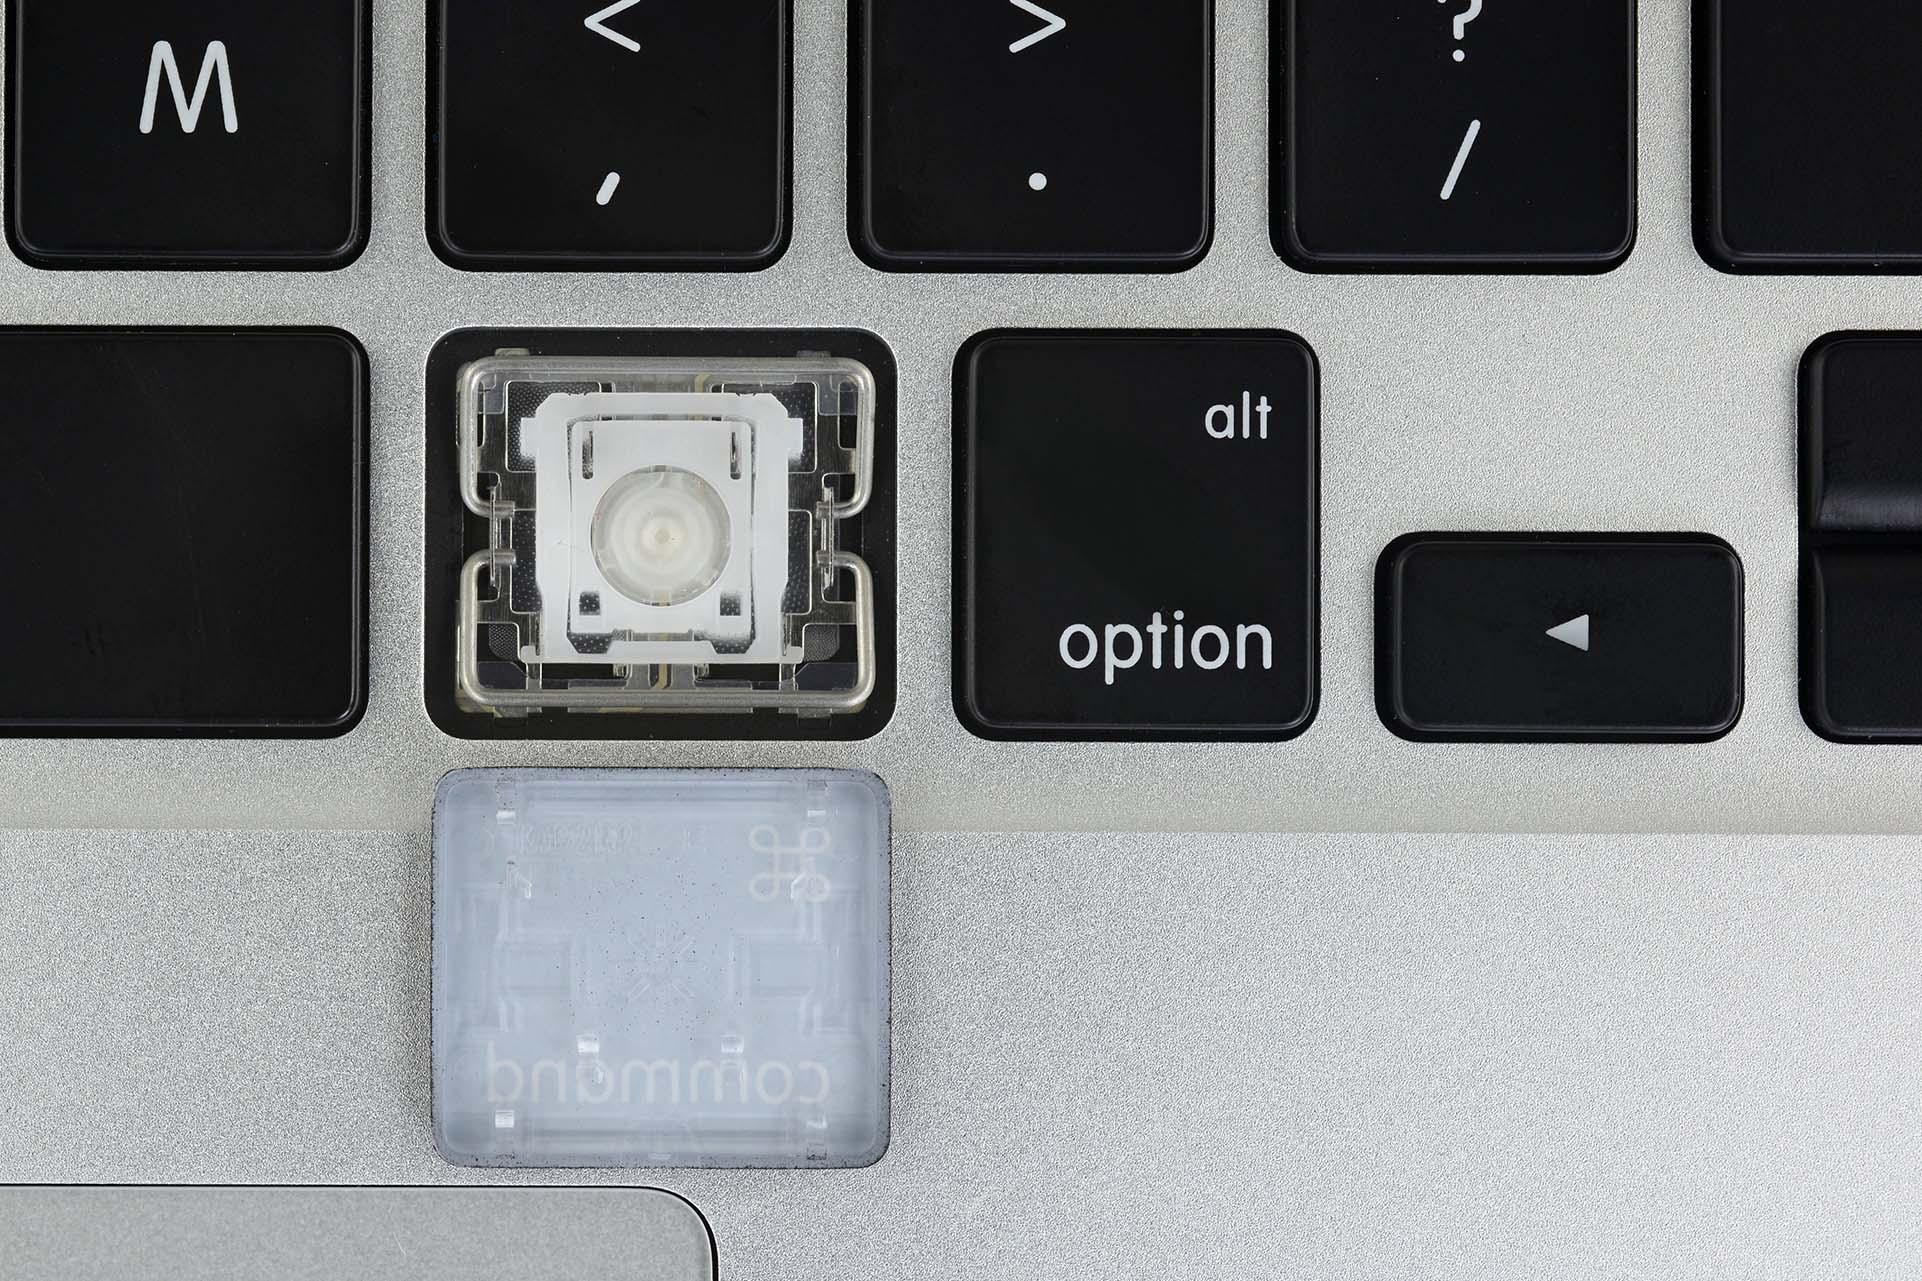 Análisis del teclado del nuevo MacBook Pro por parte de iFixit